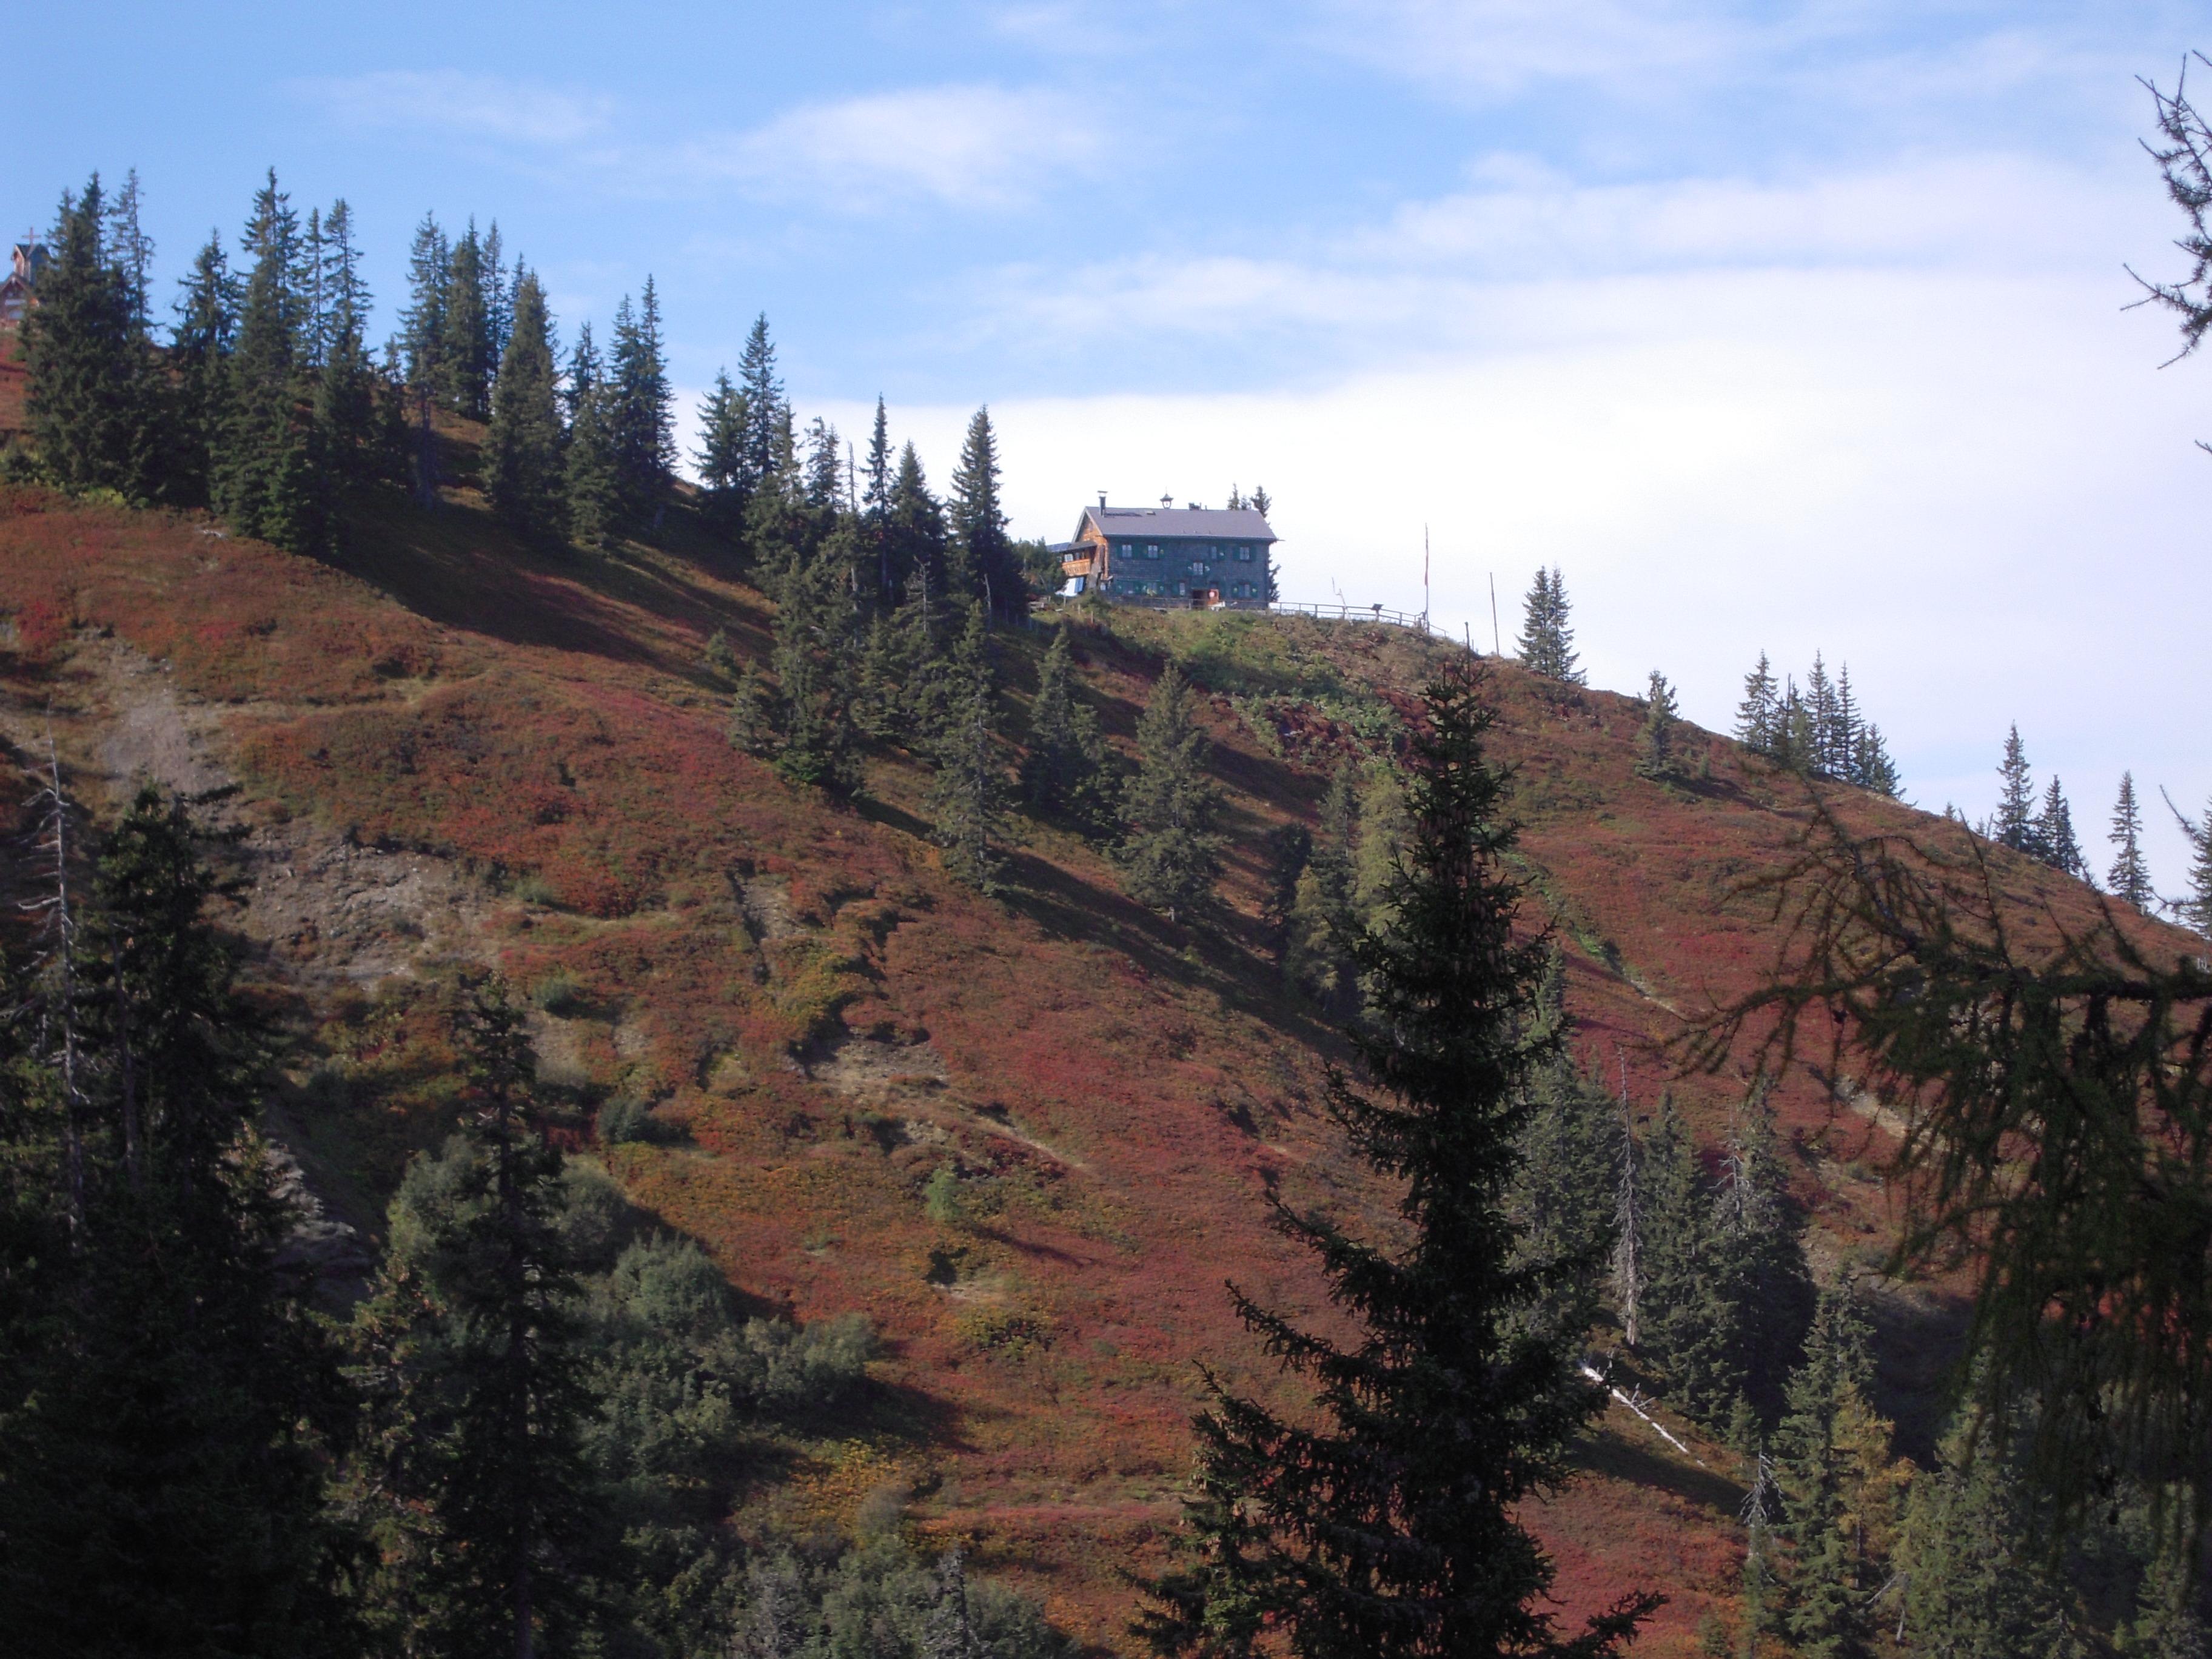 Herbstwanderungen in der Nähe des Berghotels